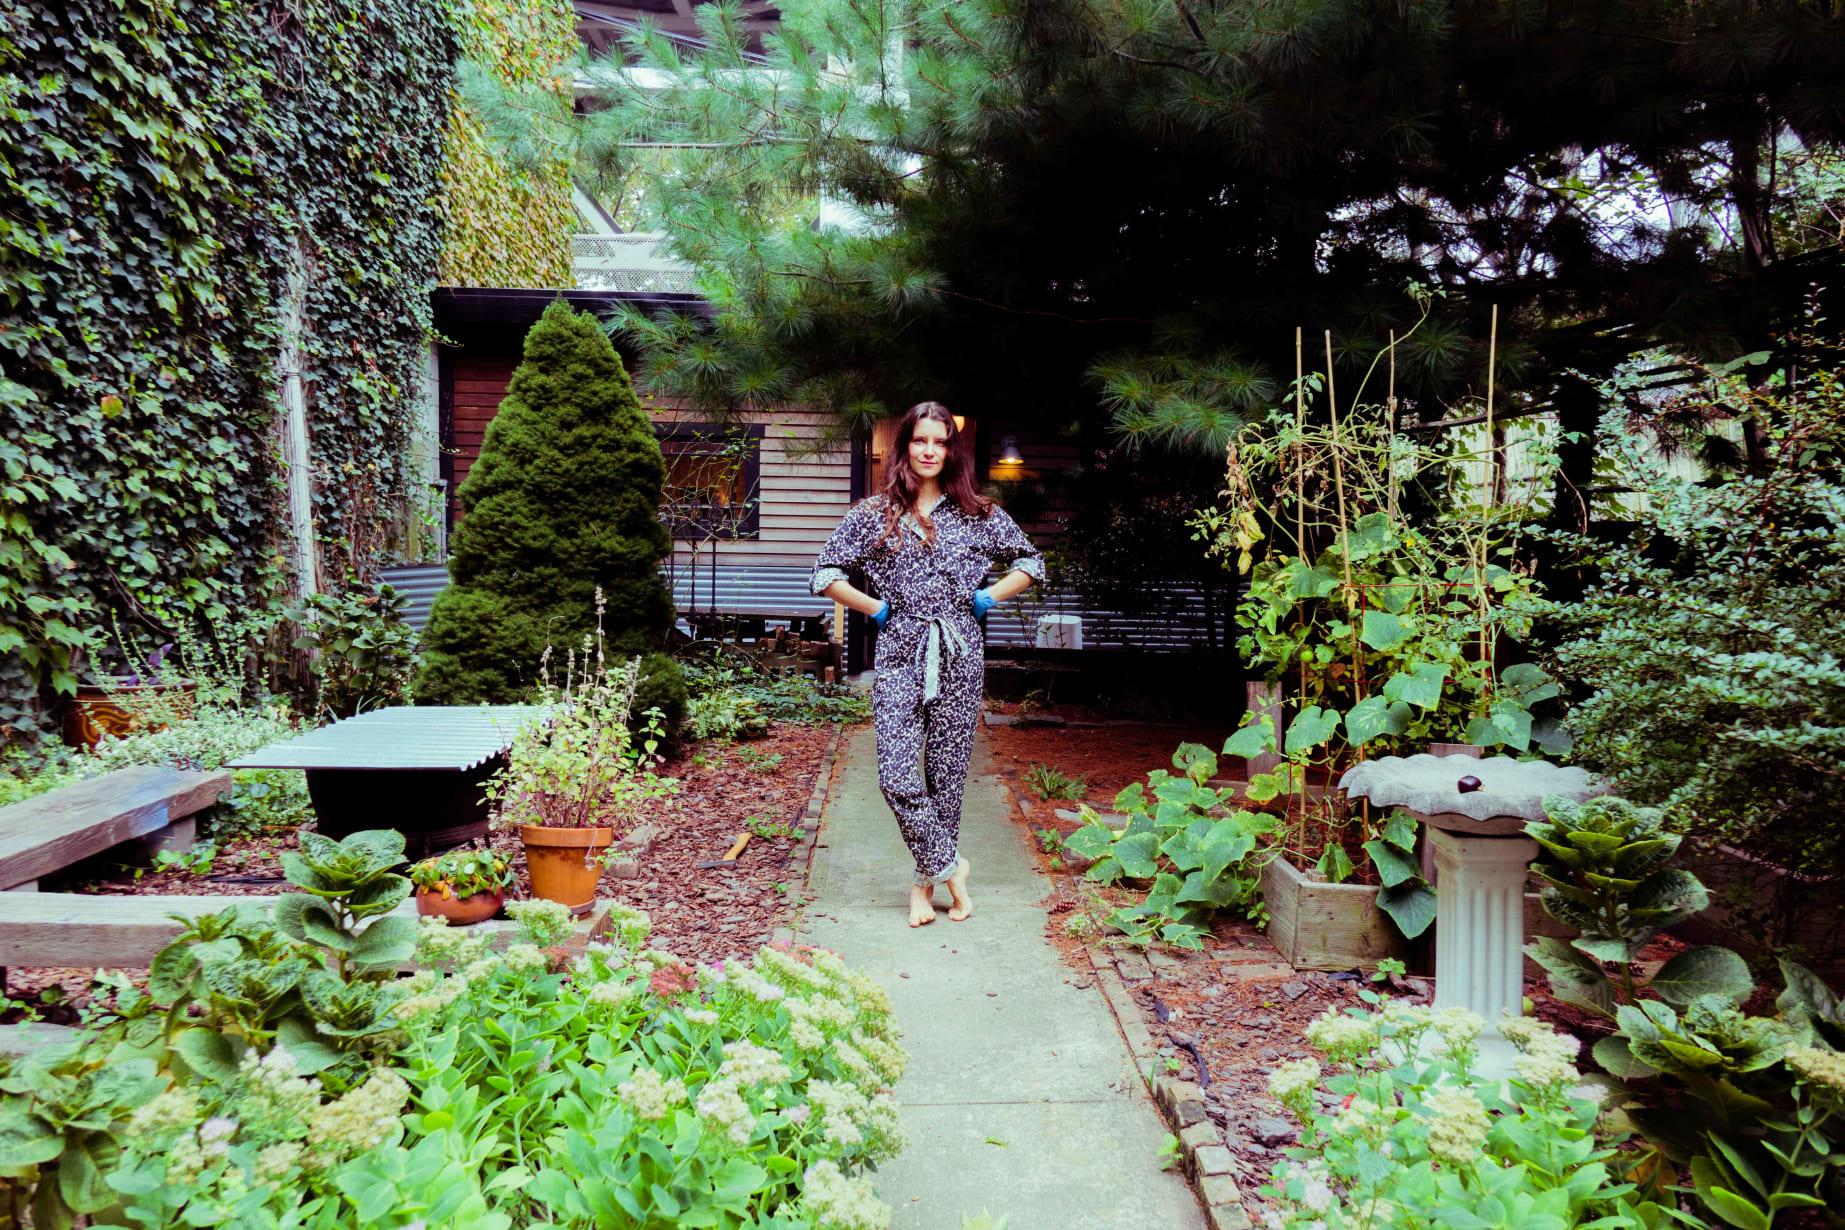 Emilymariemiller Infrontofstudio Photoby Peterkoloff